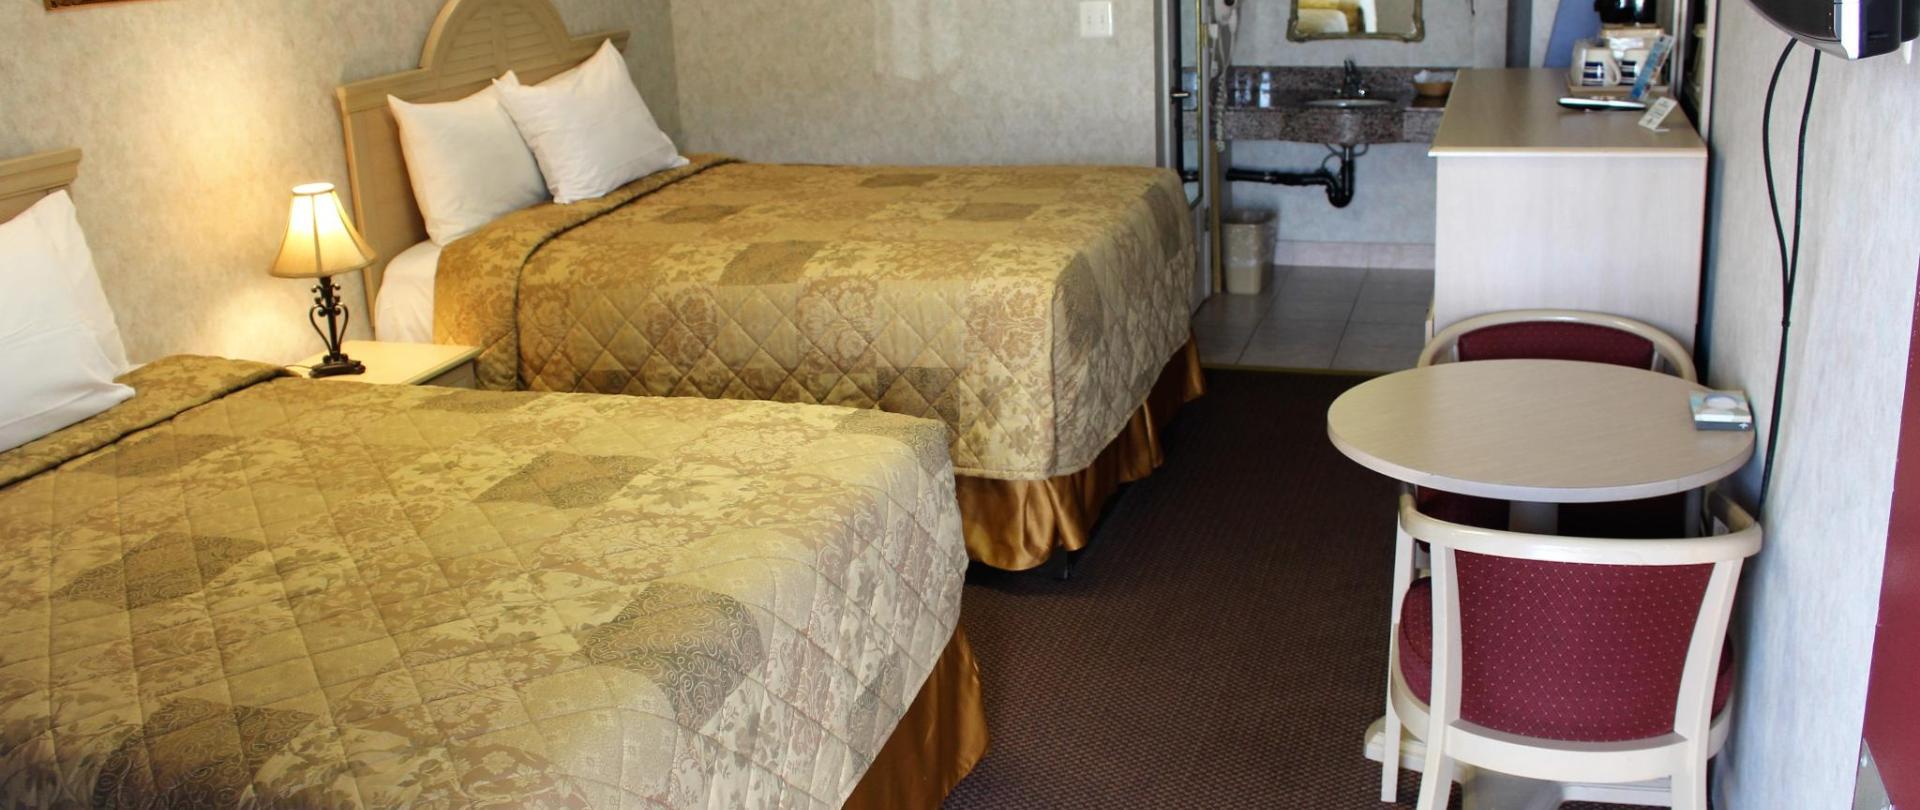 Deluxe Double Bed 4.JPG